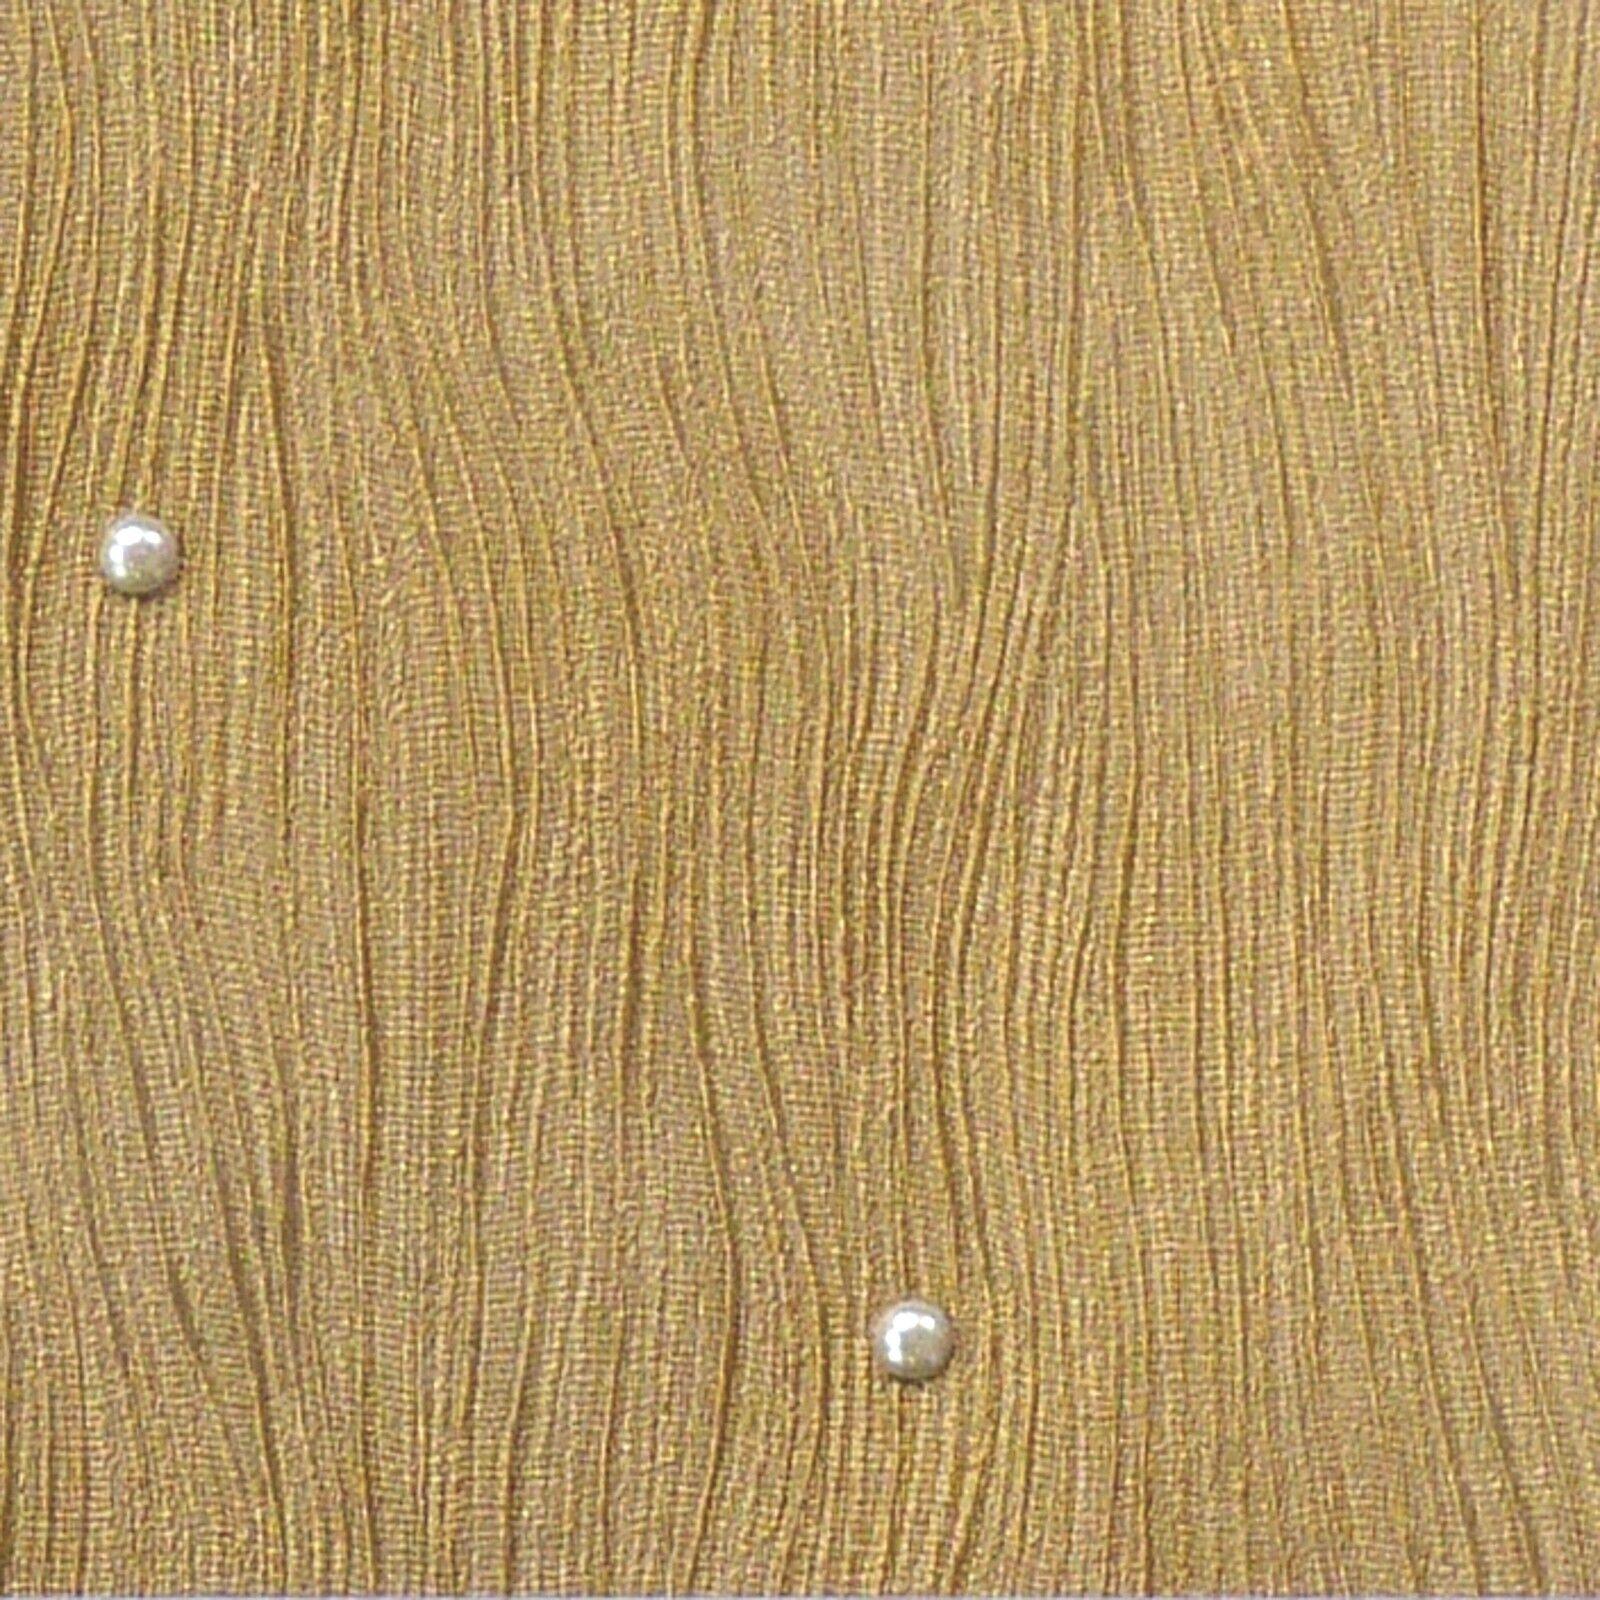 Marburg Tapete Luigi Colani Visions 53370 Perlen  /m² gold Perlmutt